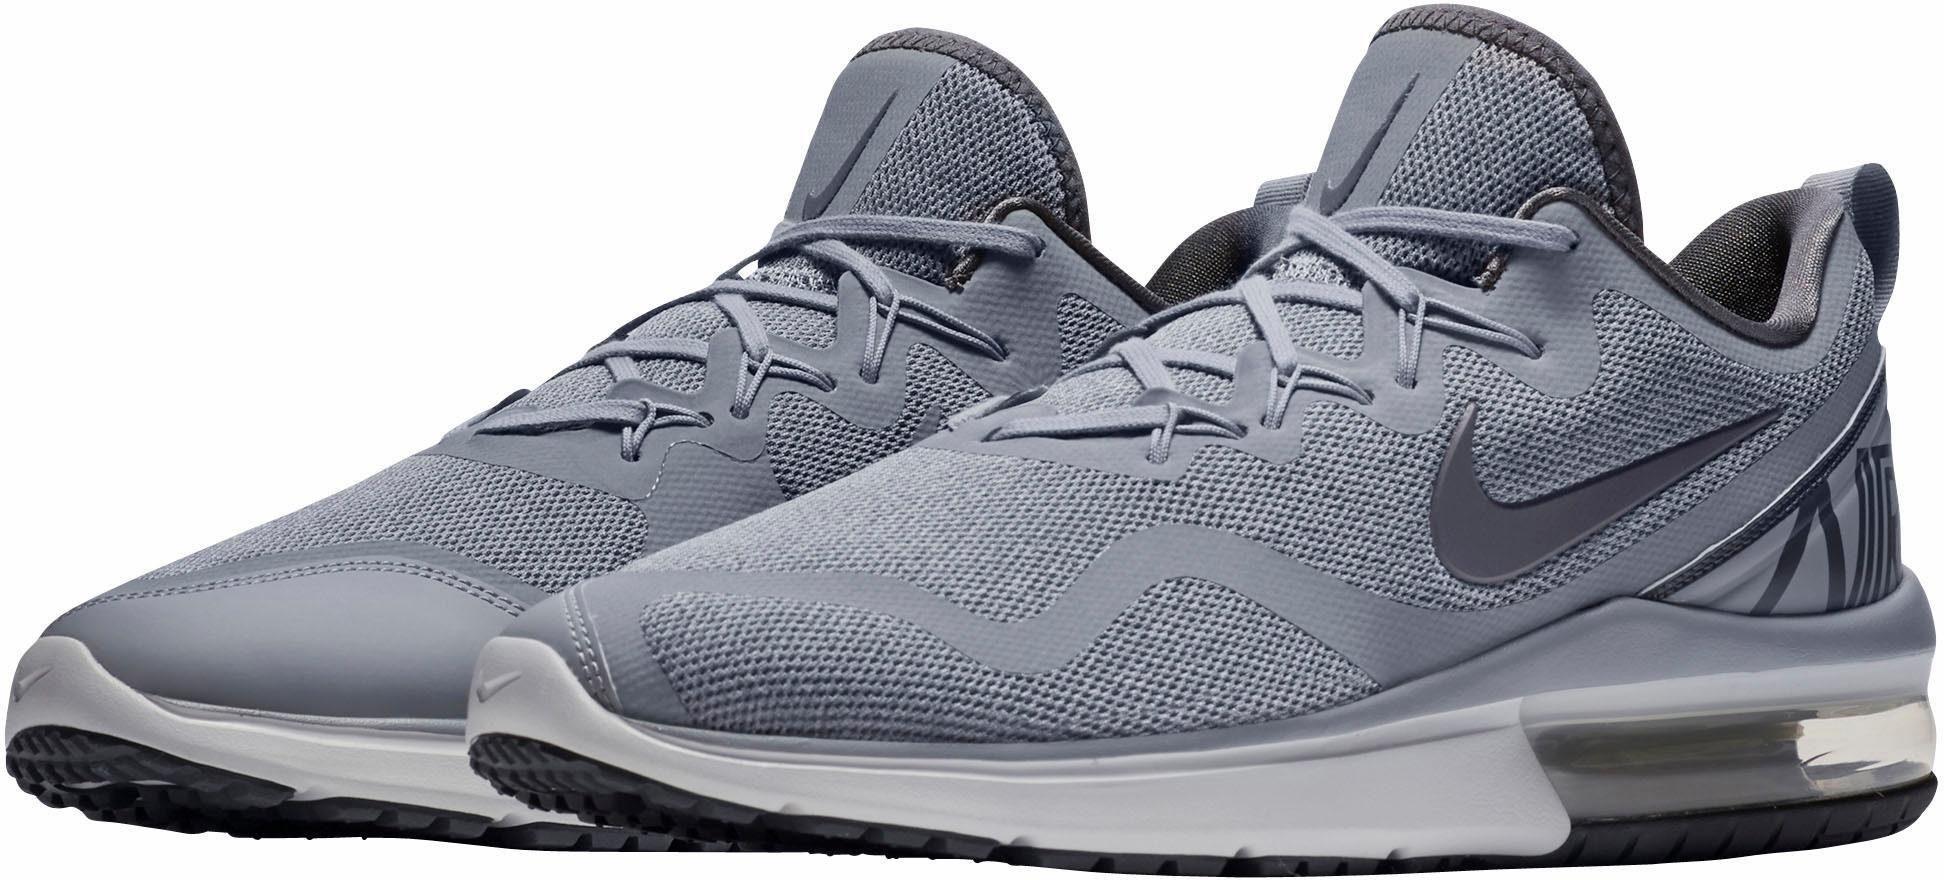 Nike »Air Max Fury« Laufschuh, Leichter Laufschuh von Nike online kaufen | OTTO